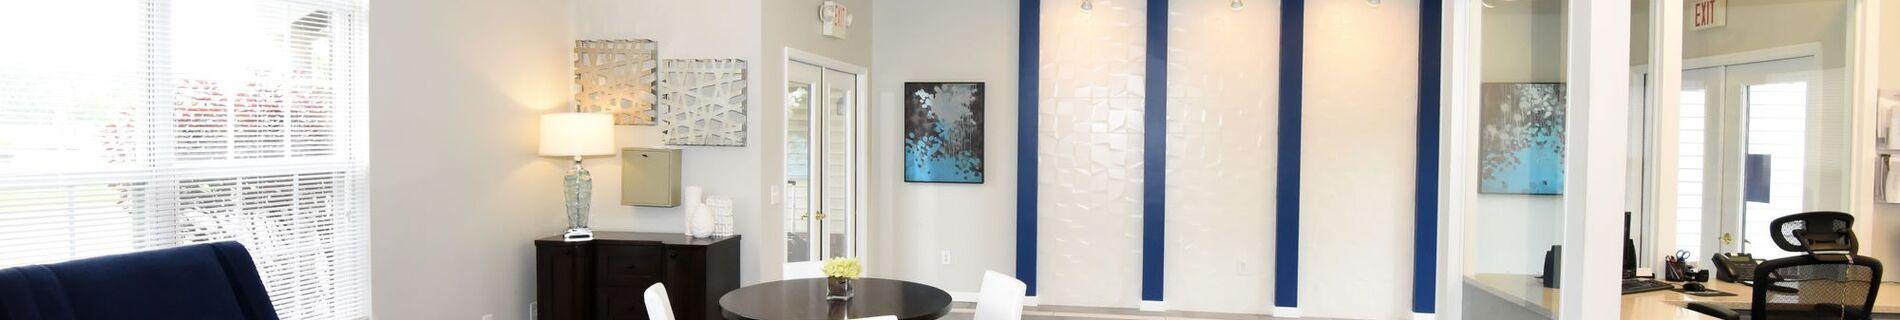 Come home to more in Pickerington, OH | Pickerington Ridge Apartments